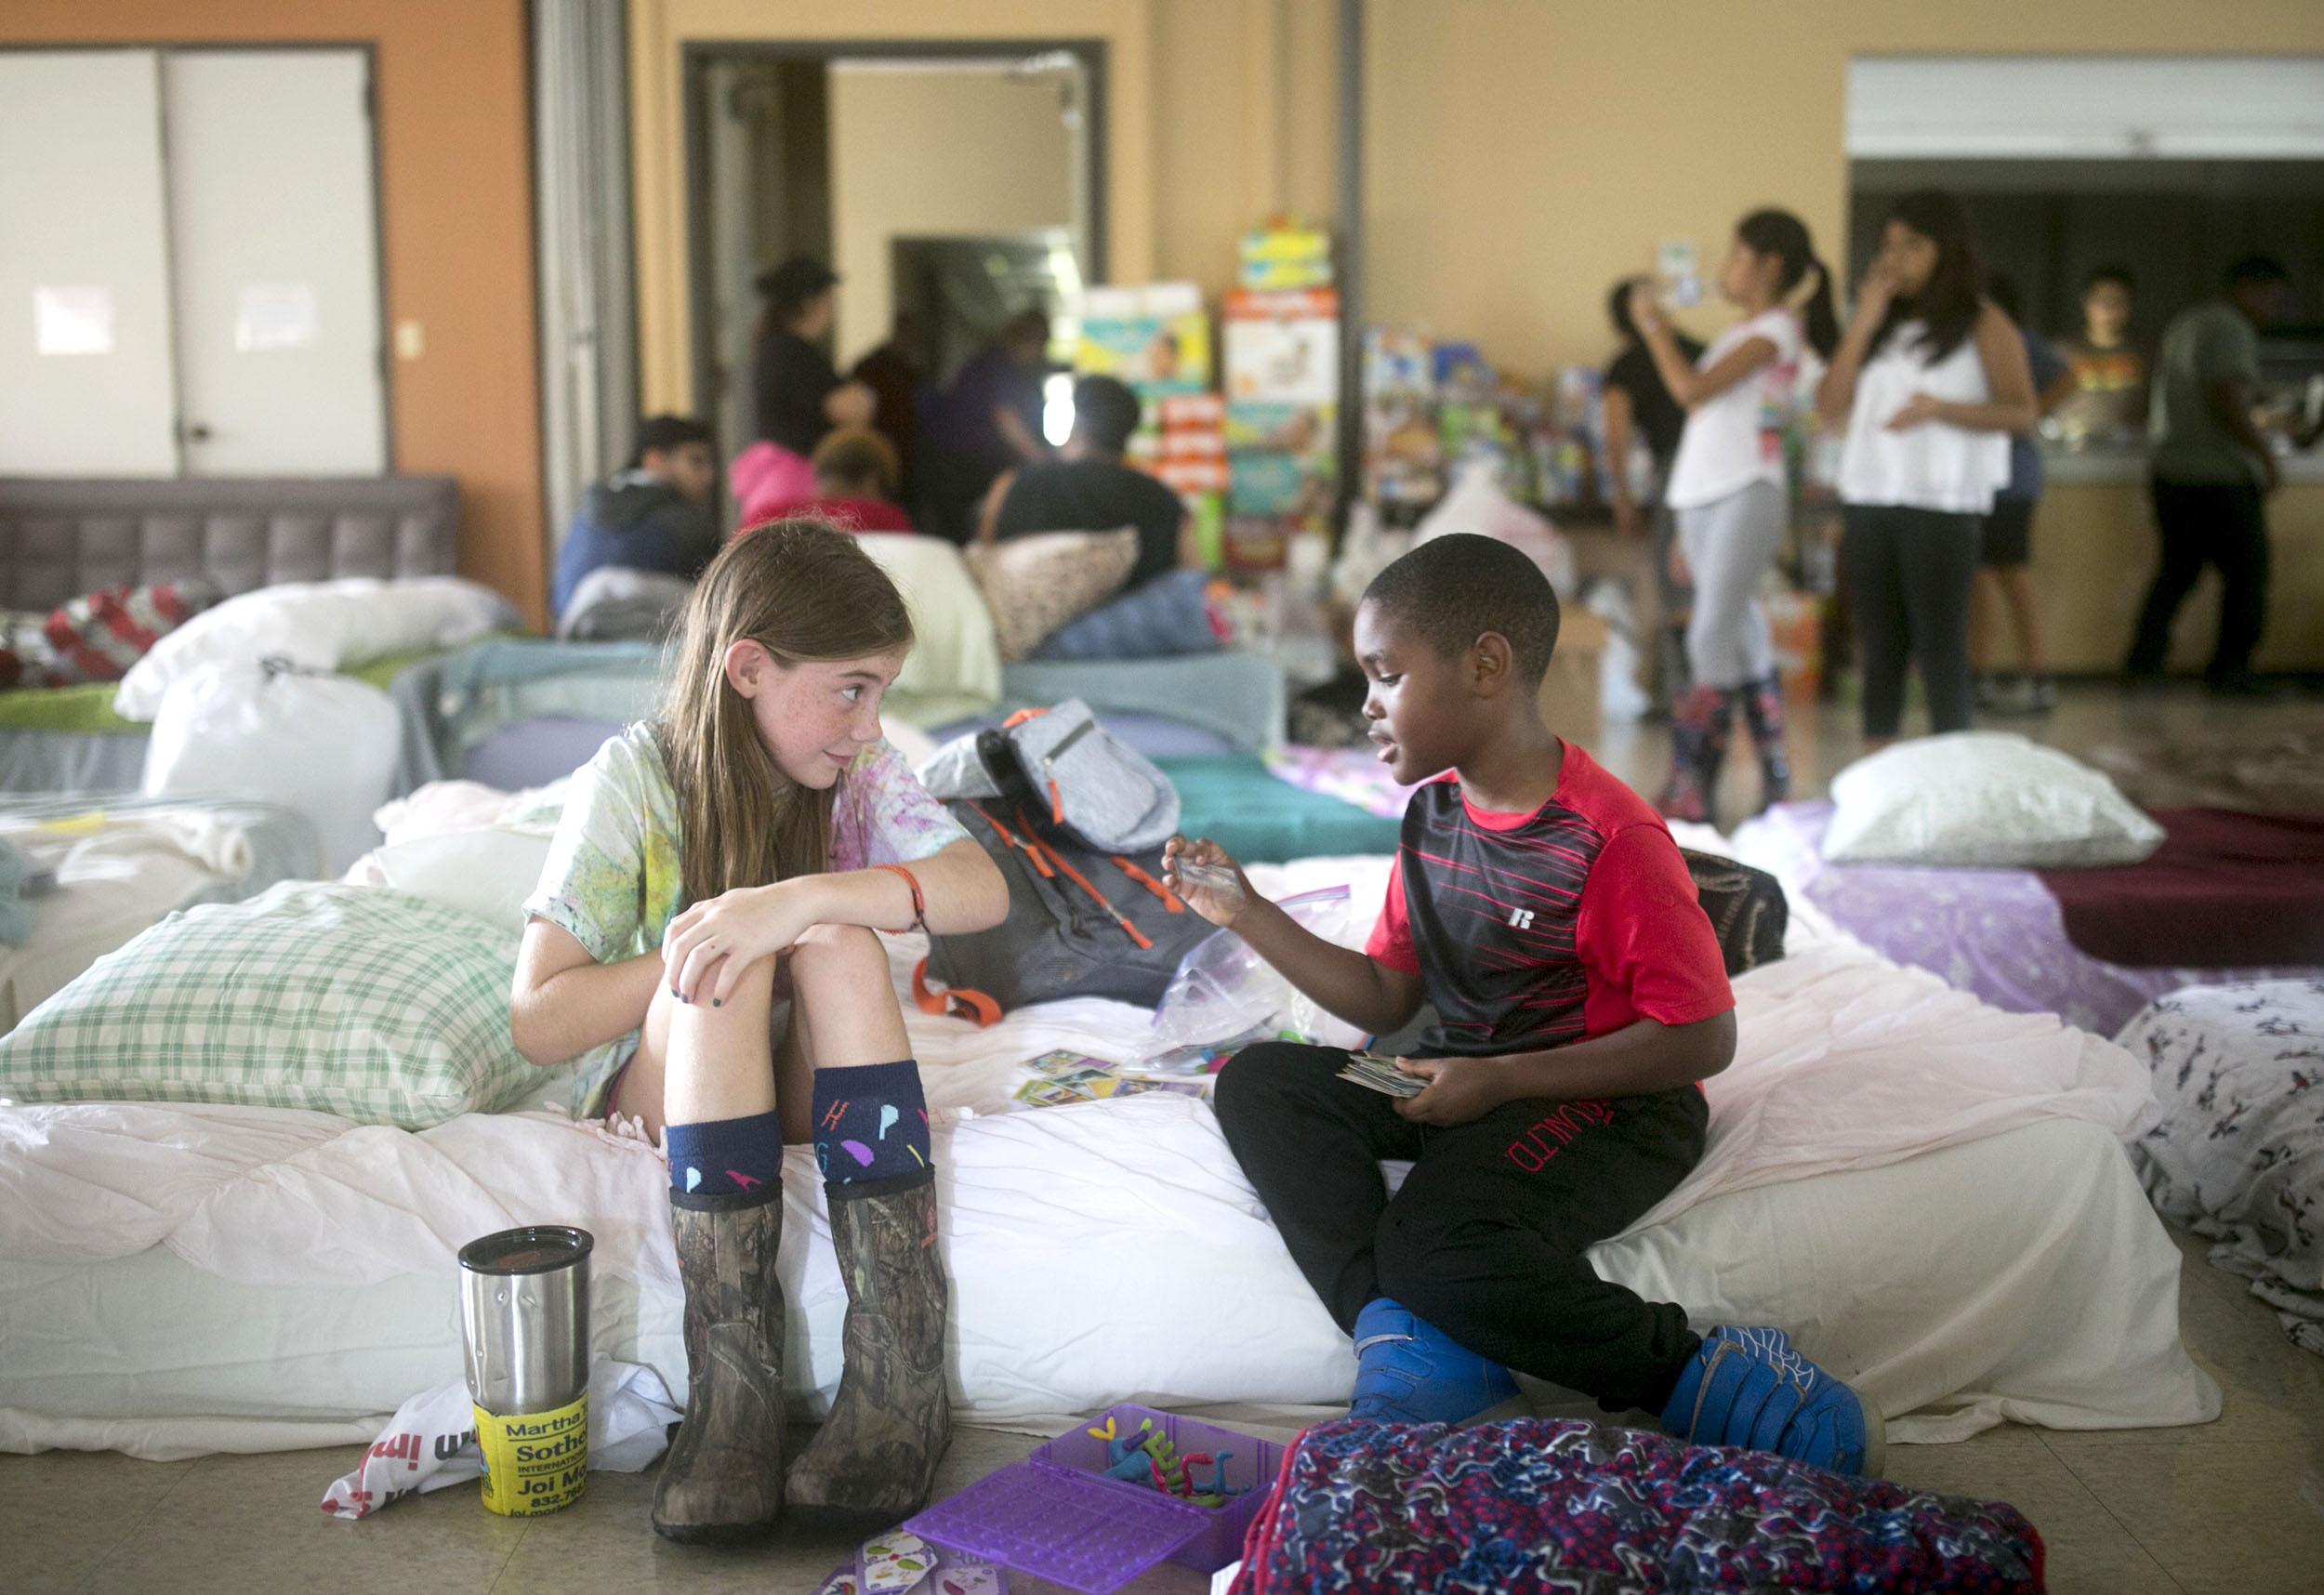 Image: Evacuee Centers in Houston